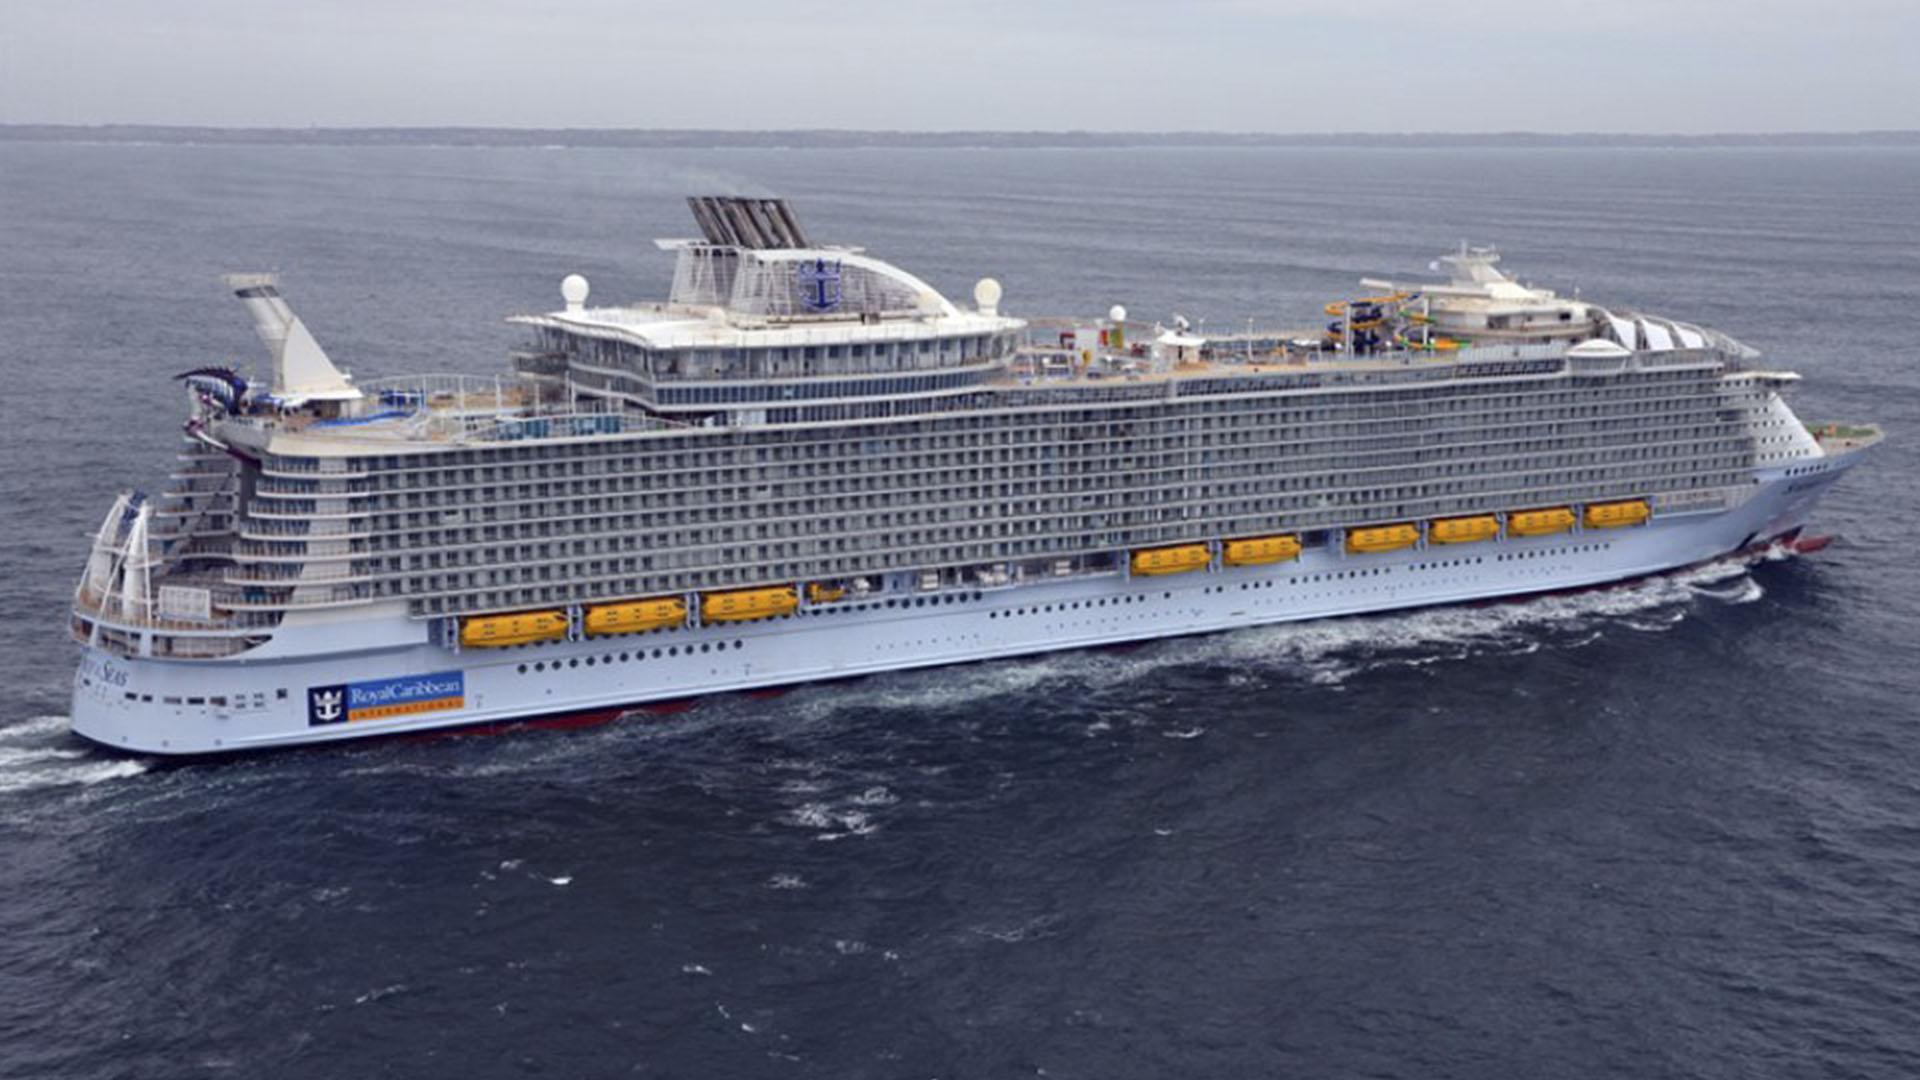 Tiene capacidad para 6.360 pasajeros y una tripulación de 2.200 integrantes